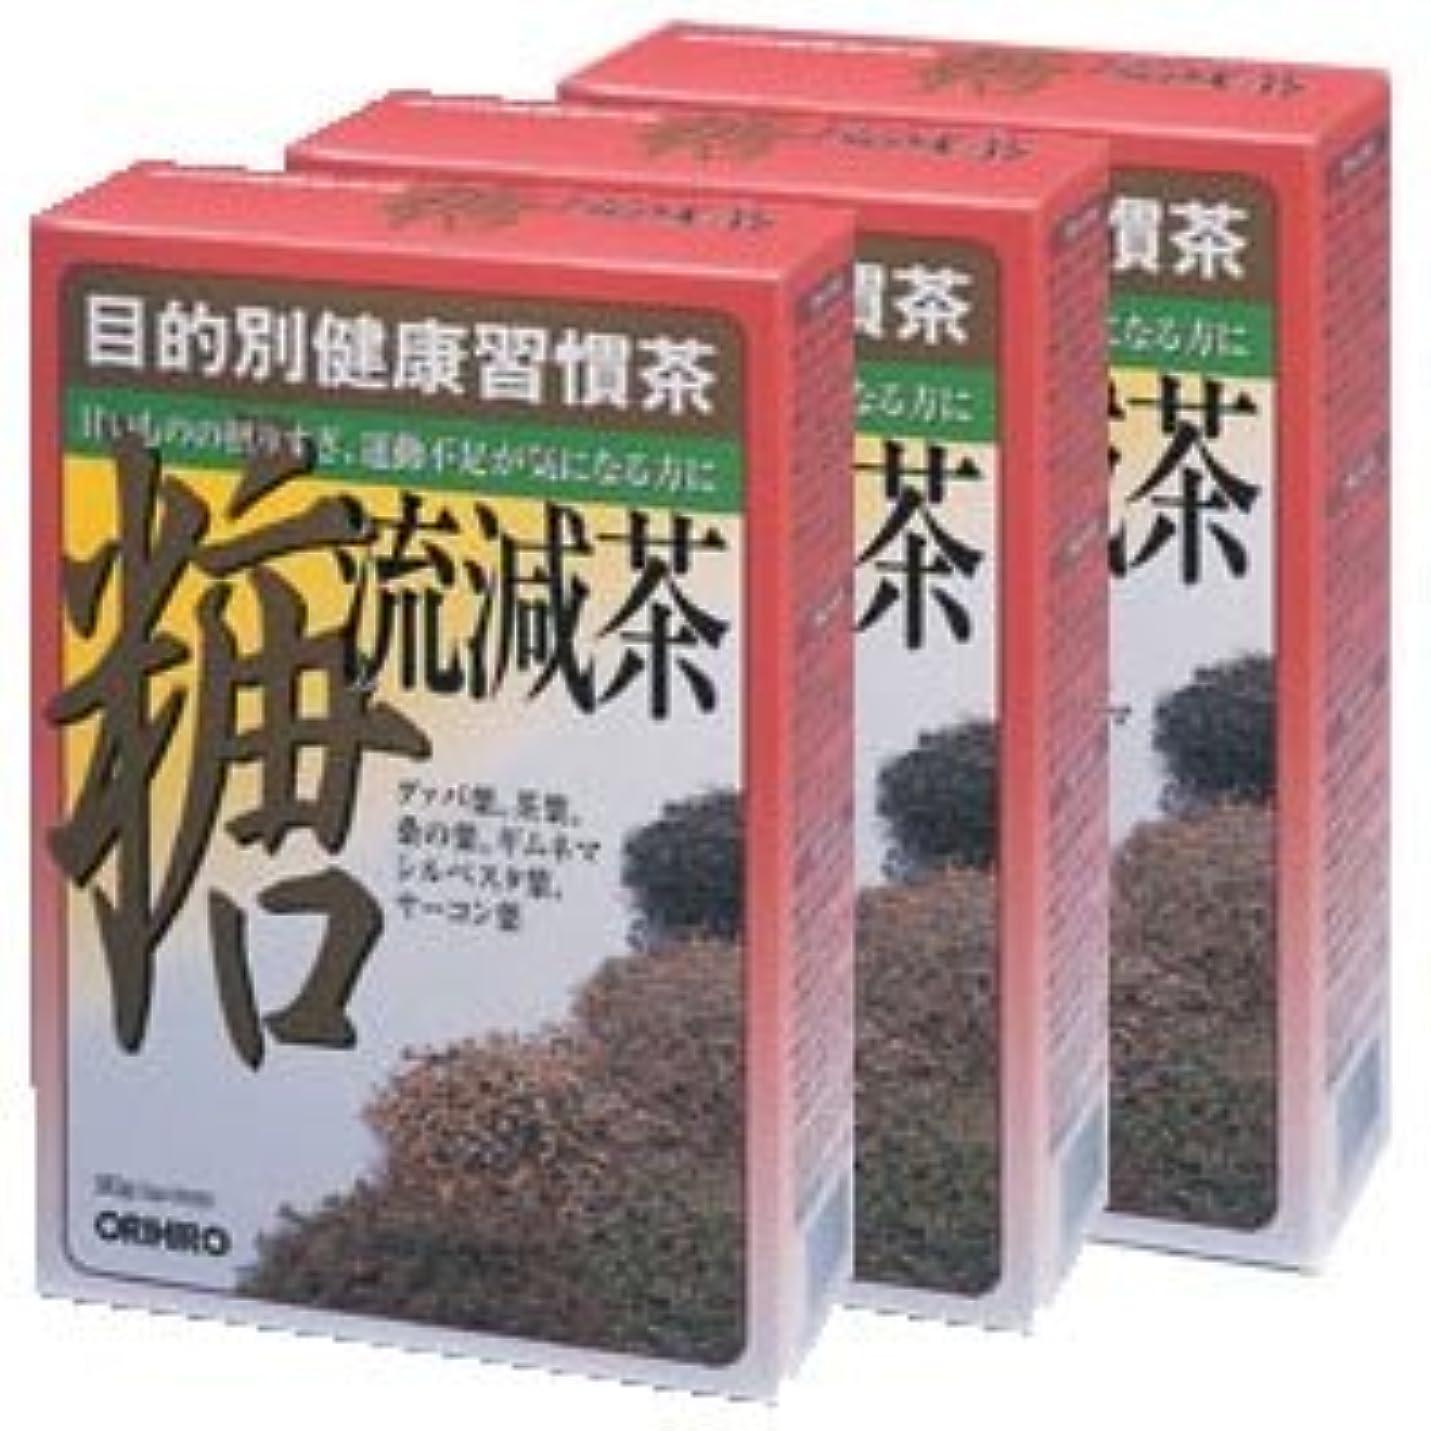 抵抗力がある可能性課すオリヒロ 目的別健康習慣茶 糖流減茶30包【3箱セット】